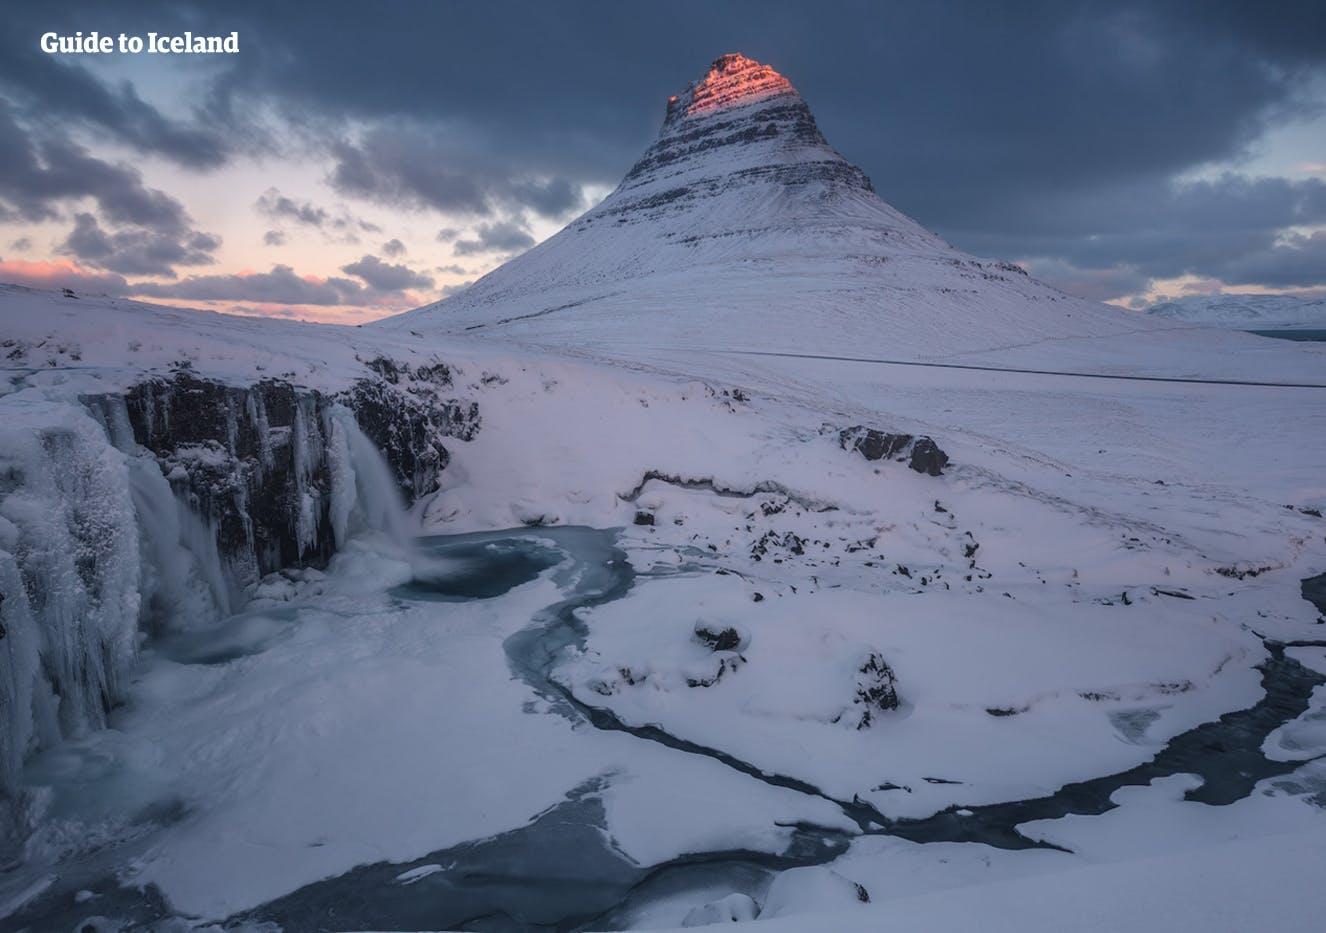 Mt. Kirkjufell of Snæfellsness Peninsula